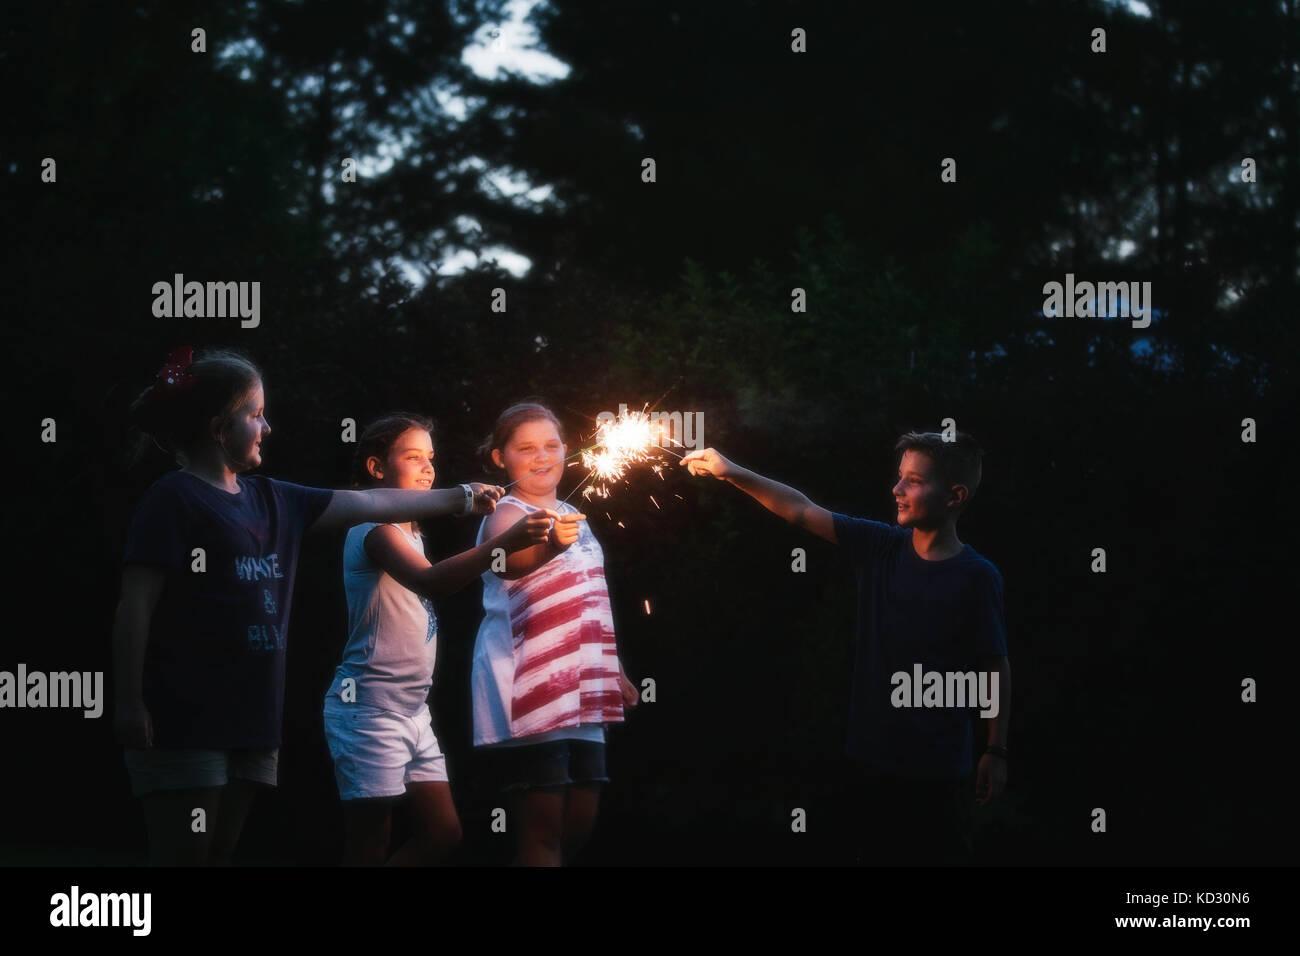 Garçon et trois filles d'allumer des cierges merveilleux ensemble de nuit le jour de l'indépendance, Photo Stock